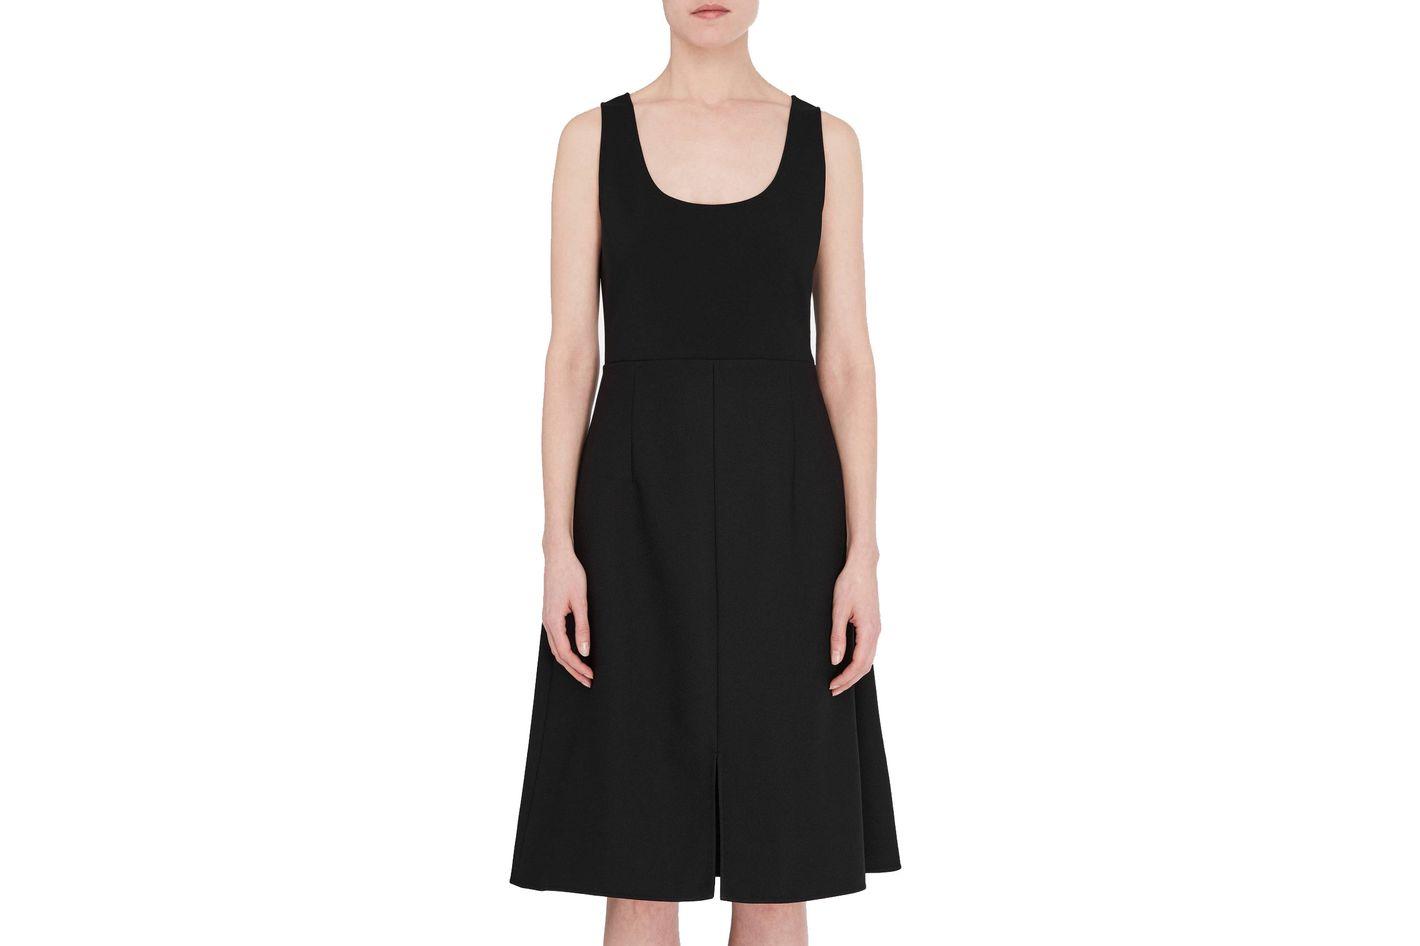 Acne Studios Sam Dress